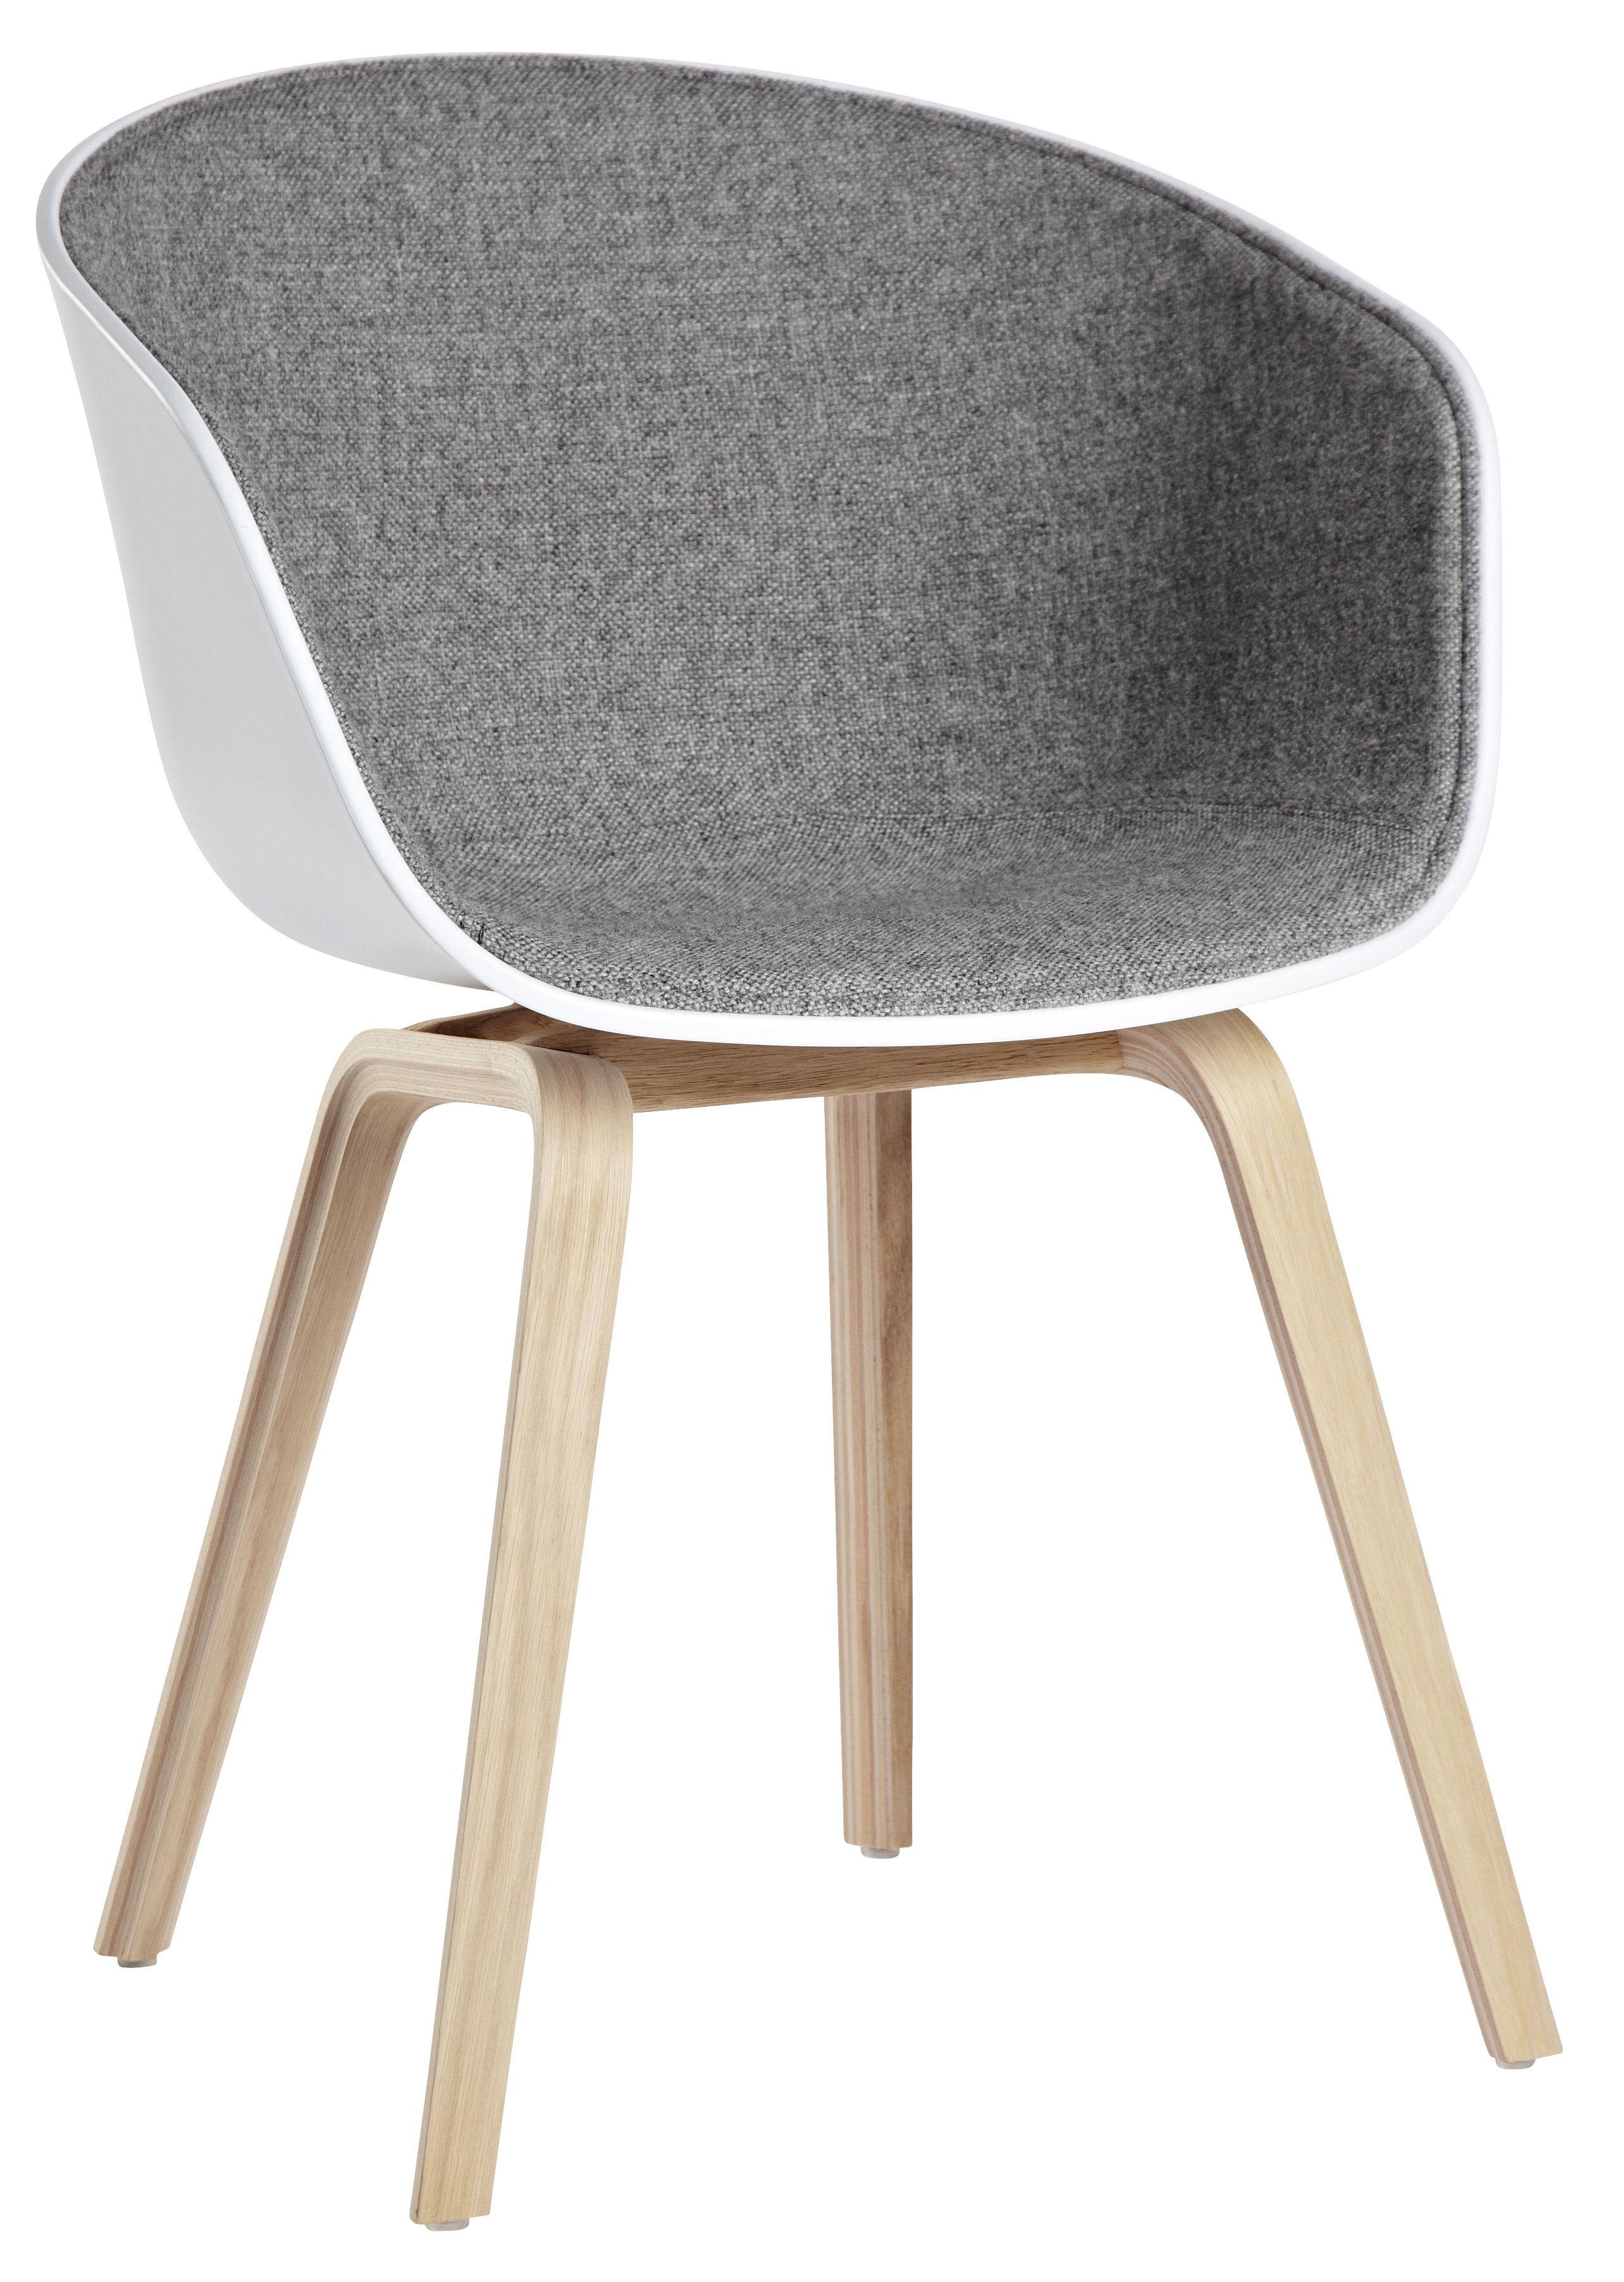 Möbel - Lounge Sessel - About a chair AAC22 Gepolsterter Sessel / 4 Füße - Sitzfläche mit Stoff ausgekleidet - Hay - Außenseite: weiß / Innenseite: hellgrauer Stoff - Eiche, Gewebe, Polypropylen